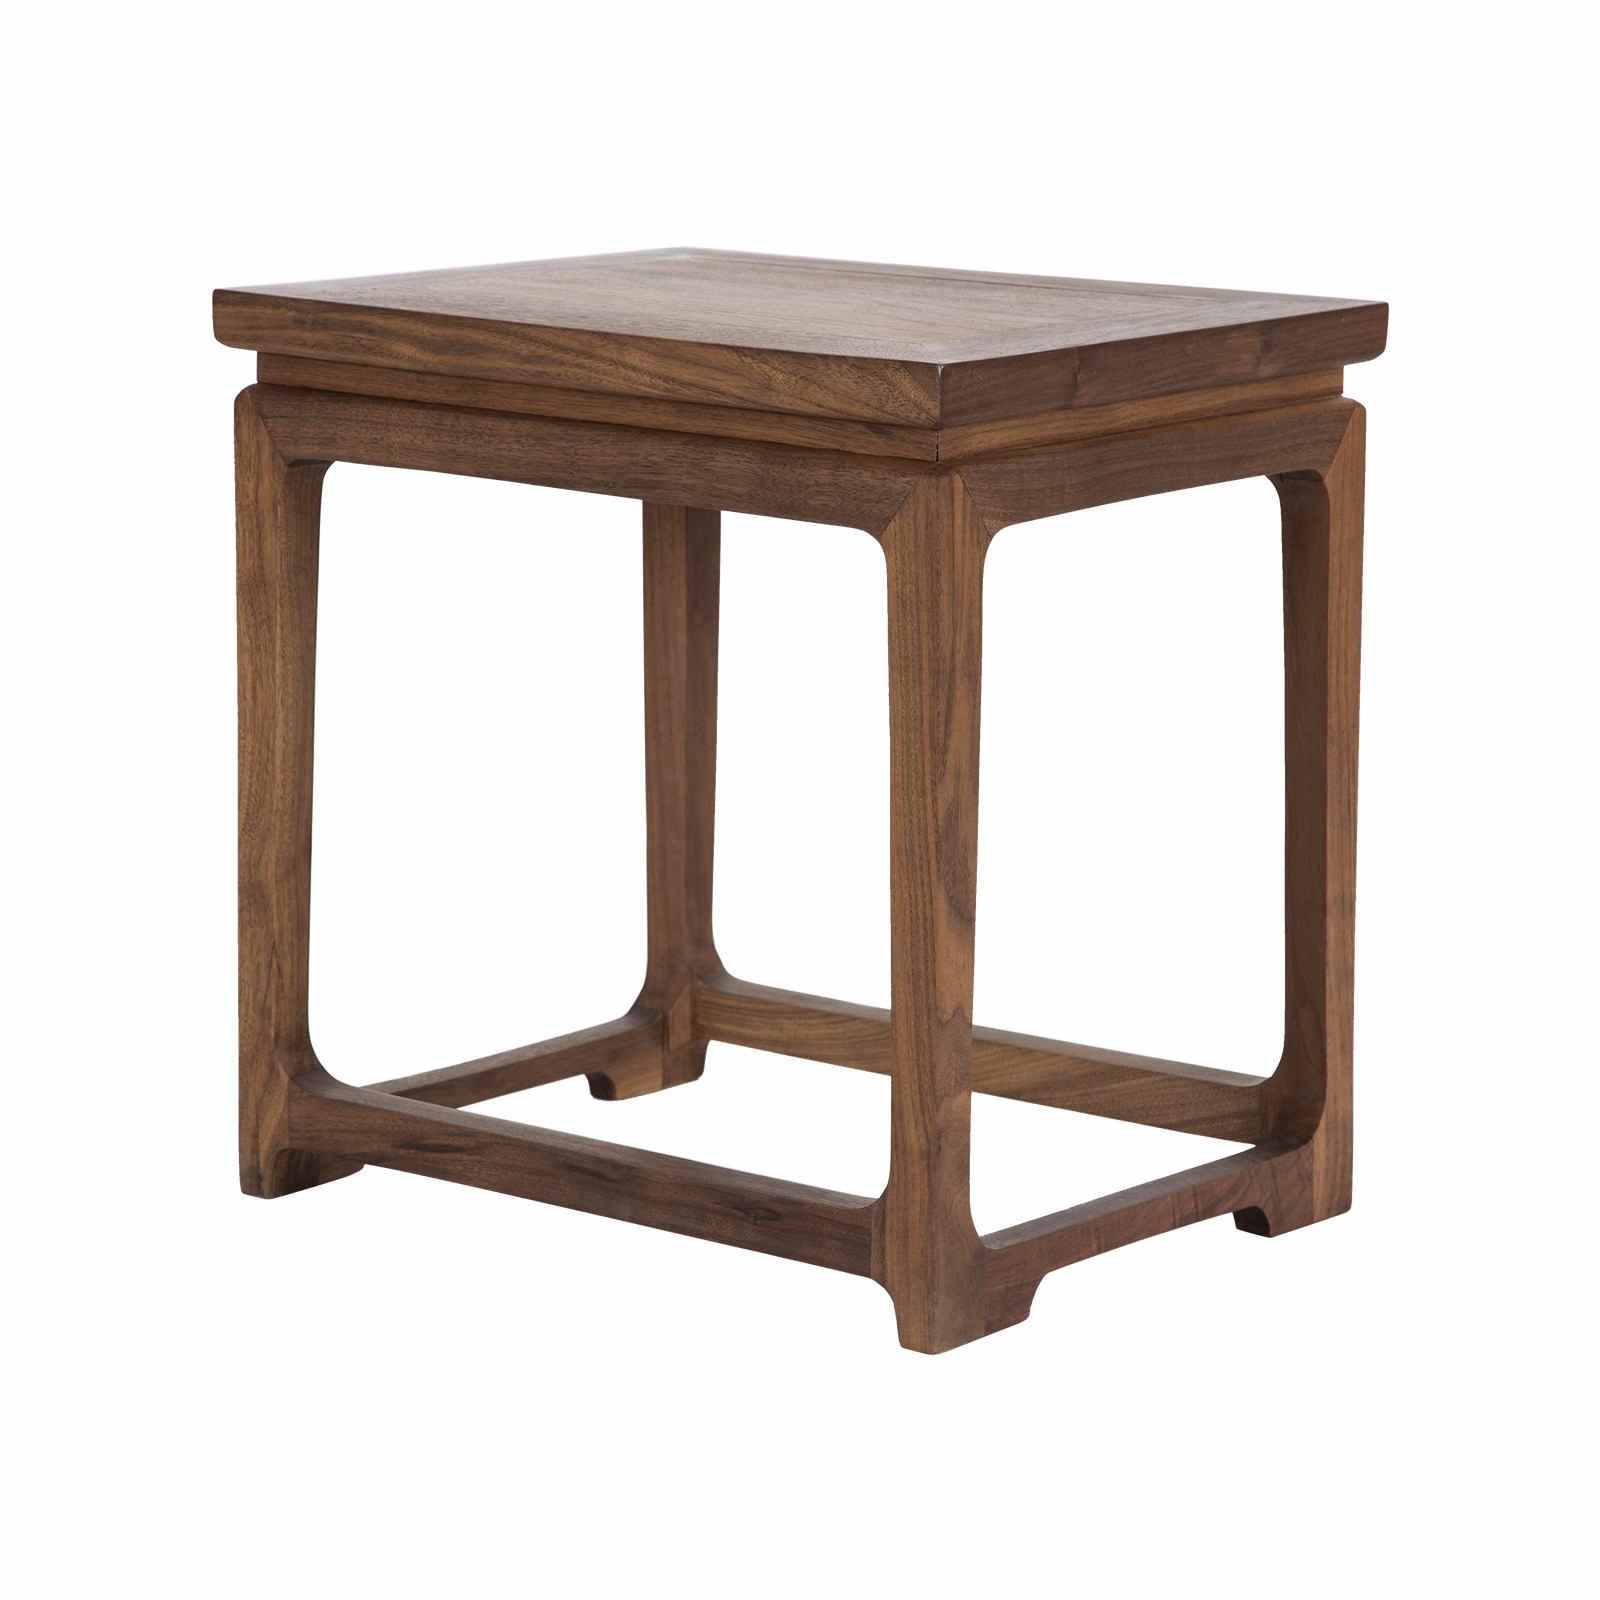 自貢中式家具 自貢禪意中式家具 自貢明清中式家具 自貢仿古明清家具圖片